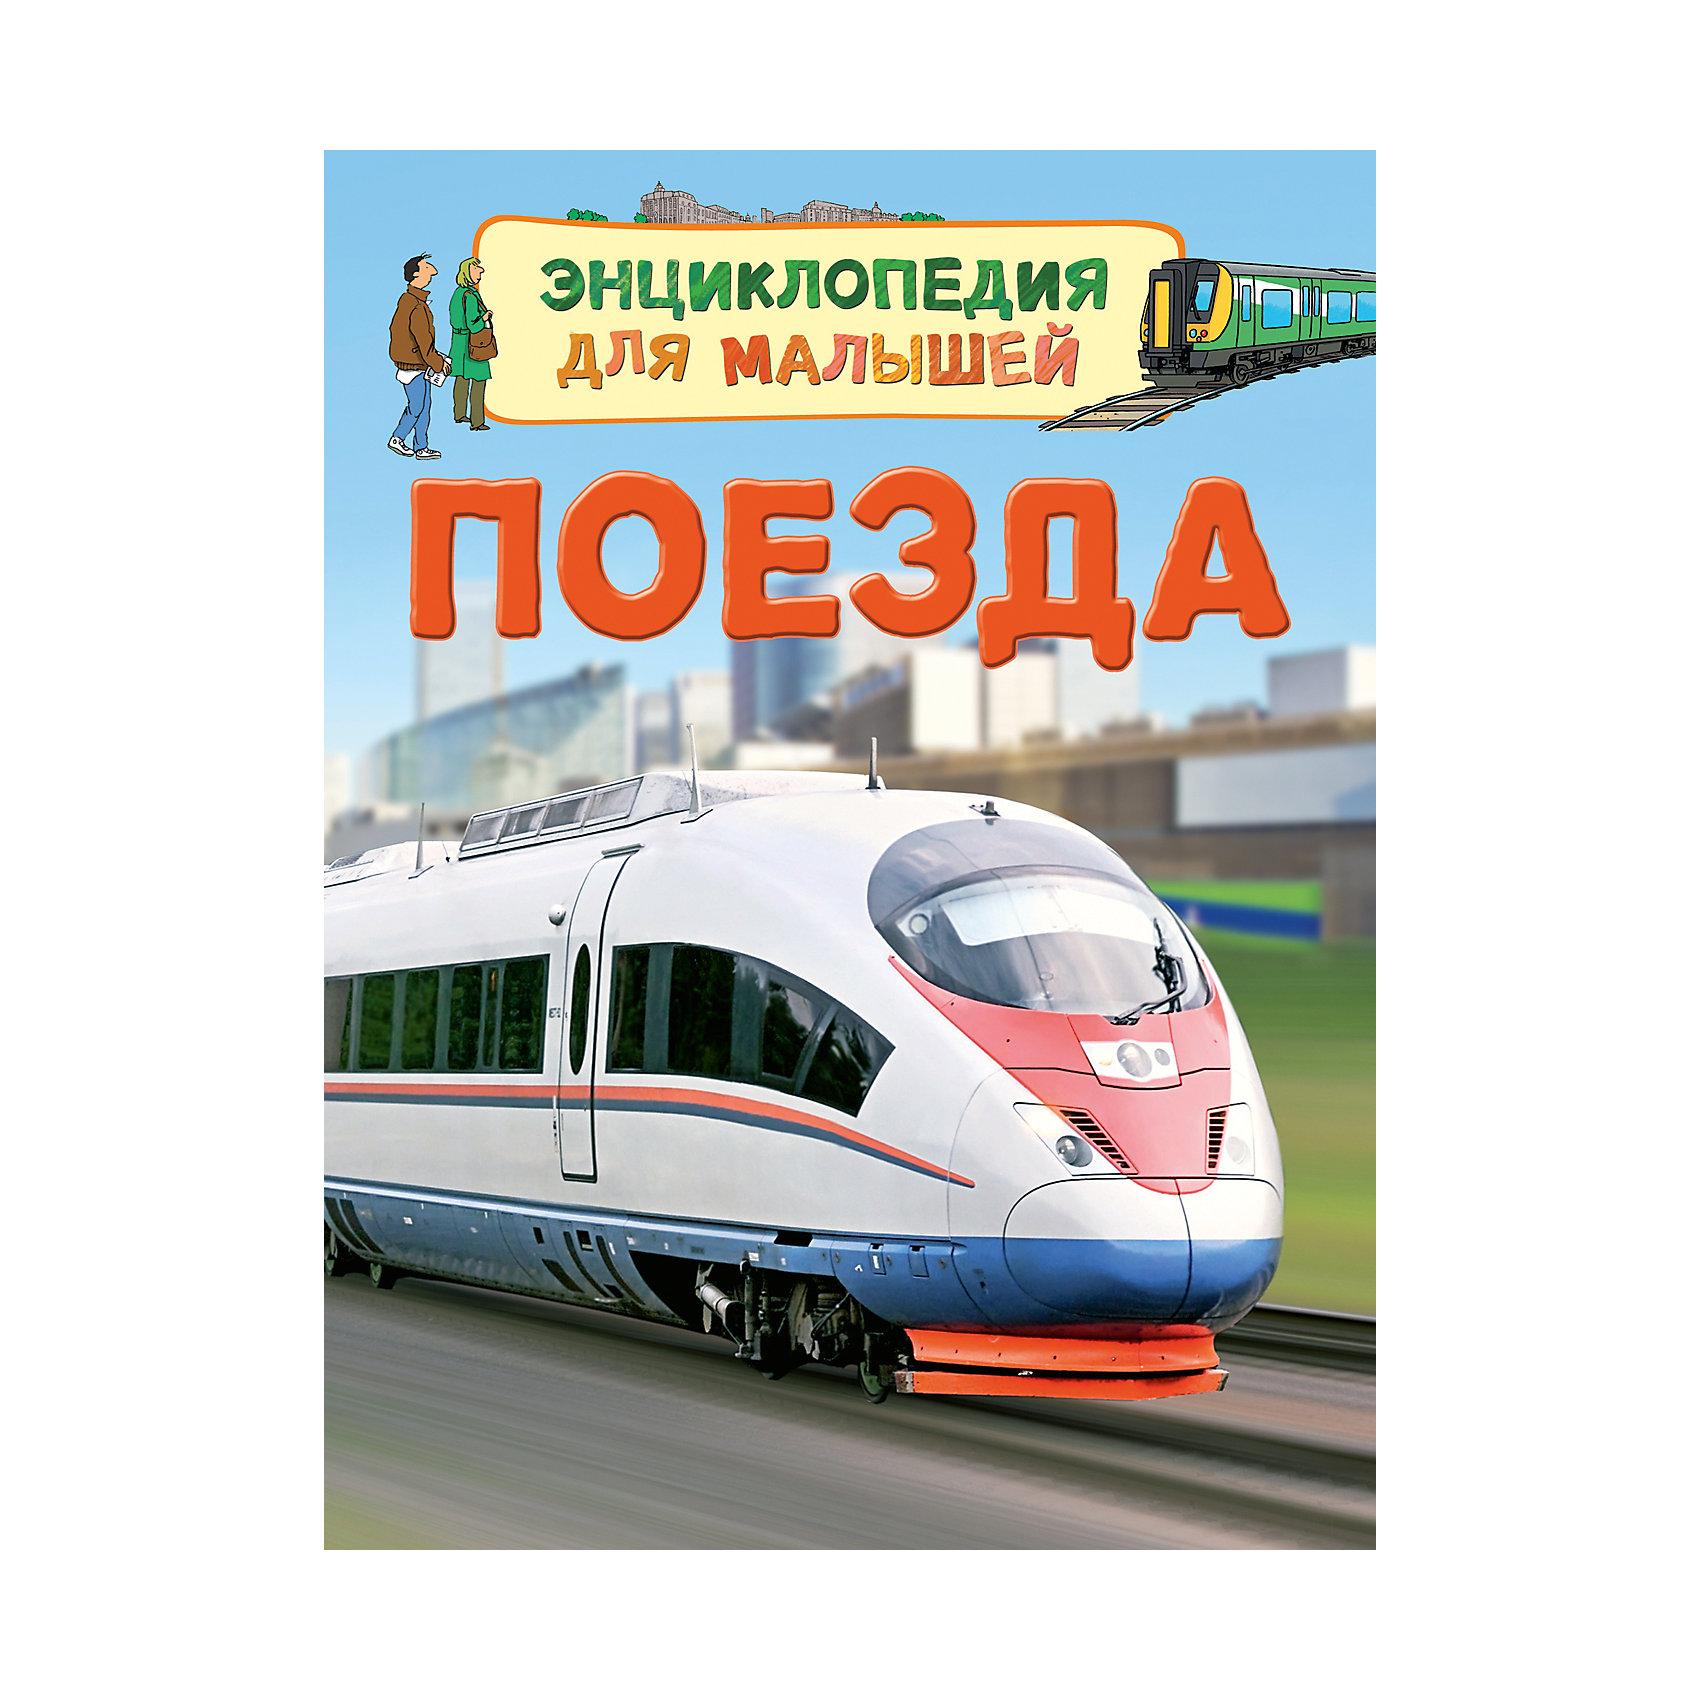 Поезда (Энциклопедия для малышей)Характеристики товара:<br><br>- цвет: разноцветный;<br>- материал: бумага;<br>- страниц: 32;<br>- формат: 22 х 17 см;<br>- обложка: твердая;<br>- цветные иллюстрации.<br><br>Эта интересная книга с иллюстрациями станет отличным подарком для ребенка. Она содержит в себе ответы на вопросы, которые интересуют малышей. Всё представлено в очень простой форме! Талантливый иллюстратор дополнил книгу качественными рисунками, которые помогают ребенку понять суть многих вещей в нашем мире. Удивительные и интересные факты помогут привить любовь к учебе!<br>Чтение - отличный способ активизации мышления, оно помогает ребенку развивать зрительную память, концентрацию внимания и воображение. Издание произведено из качественных материалов, которые безопасны даже для самых маленьких.<br><br>Книгу Поезда (Энциклопедия для малышей) от компании Росмэн можно купить в нашем интернет-магазине.<br><br>Ширина мм: 220<br>Глубина мм: 167<br>Высота мм: 7<br>Вес г: 190<br>Возраст от месяцев: 36<br>Возраст до месяцев: 72<br>Пол: Унисекс<br>Возраст: Детский<br>SKU: 5109960